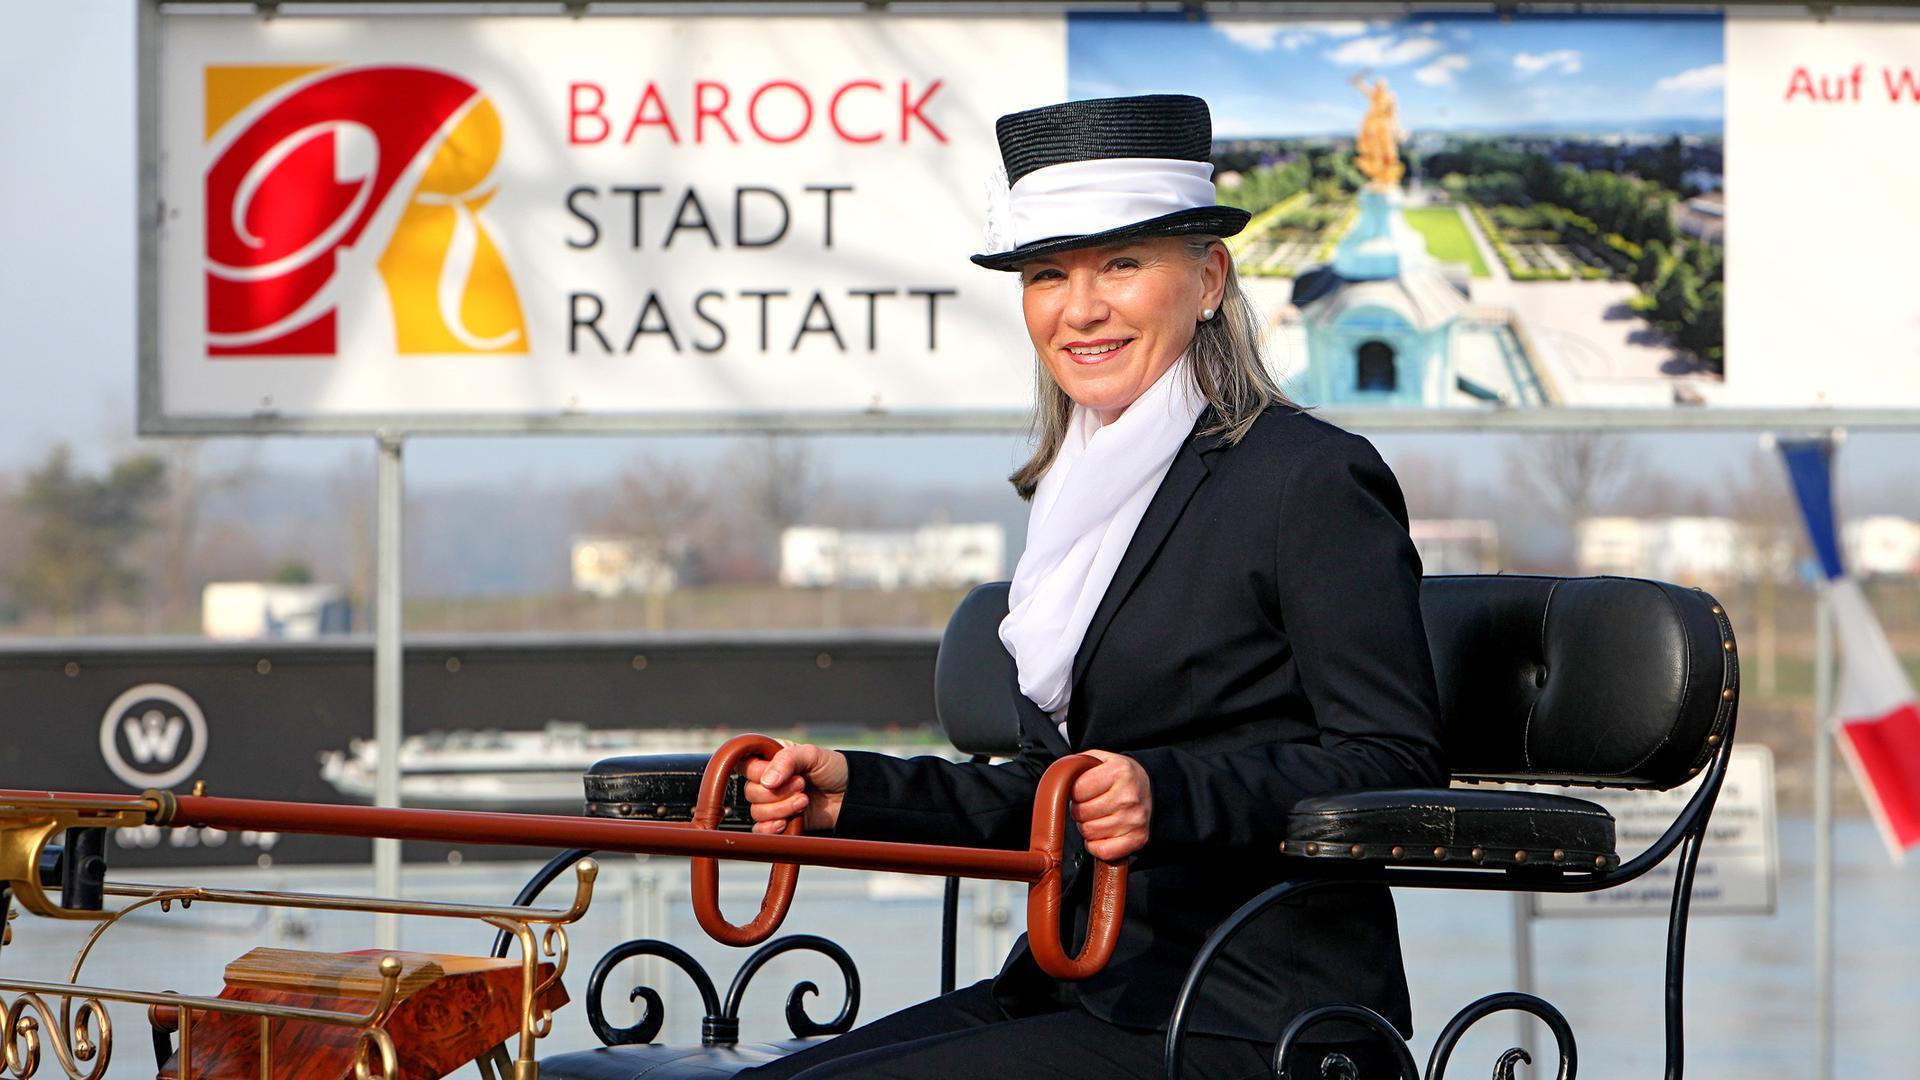 Ausflug mit der Motorkutsche: Ulrike Gärtner fährt die Gewinner dieses Preises durch Dörfer und in die Rheinauen.